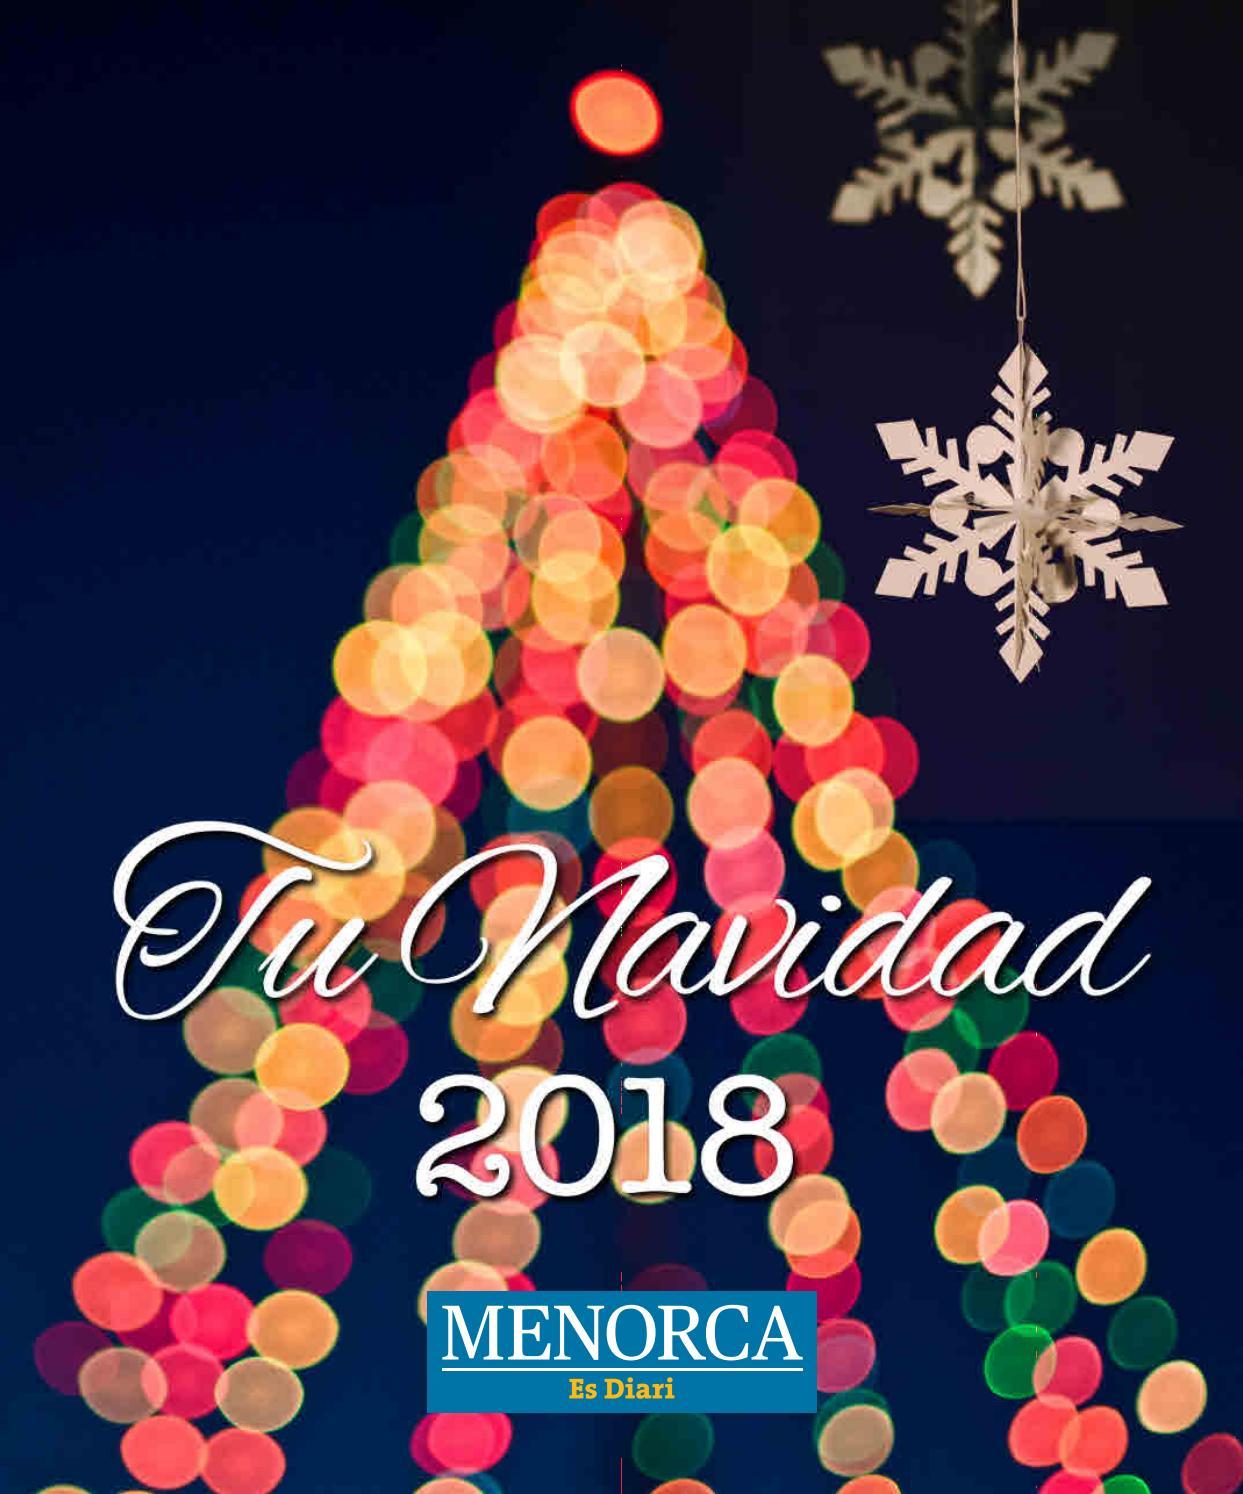 58f0b4ebd2c Tu Navidad en Menorca 2018 by menorca.info - issuu